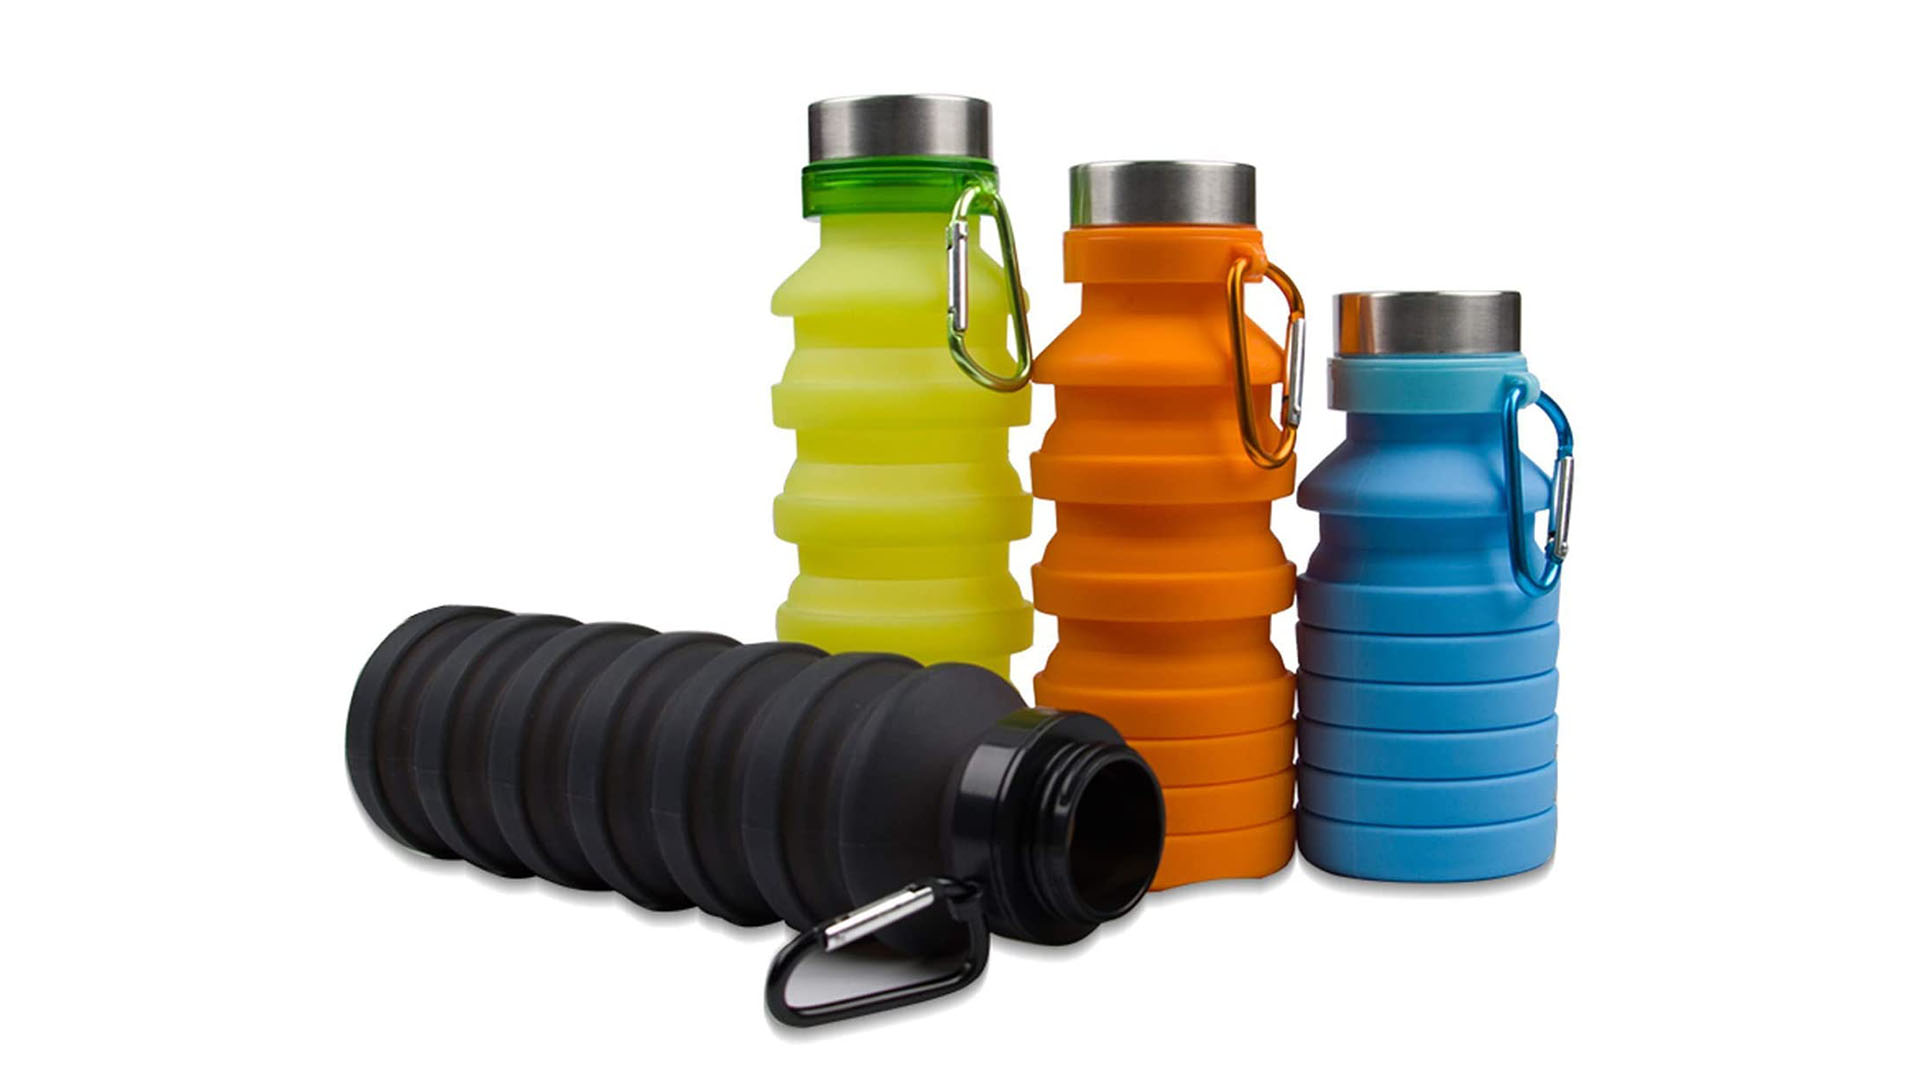 في الهواء الطلق السفر الرياضة قابل للطي سيليكون زجاجة مياه تسرب سيليكون شرب زجاجة قابلة للطي قابلة لإعادة الاستخدام للمسافر المشي التخييم التنزه DH-SILICONE